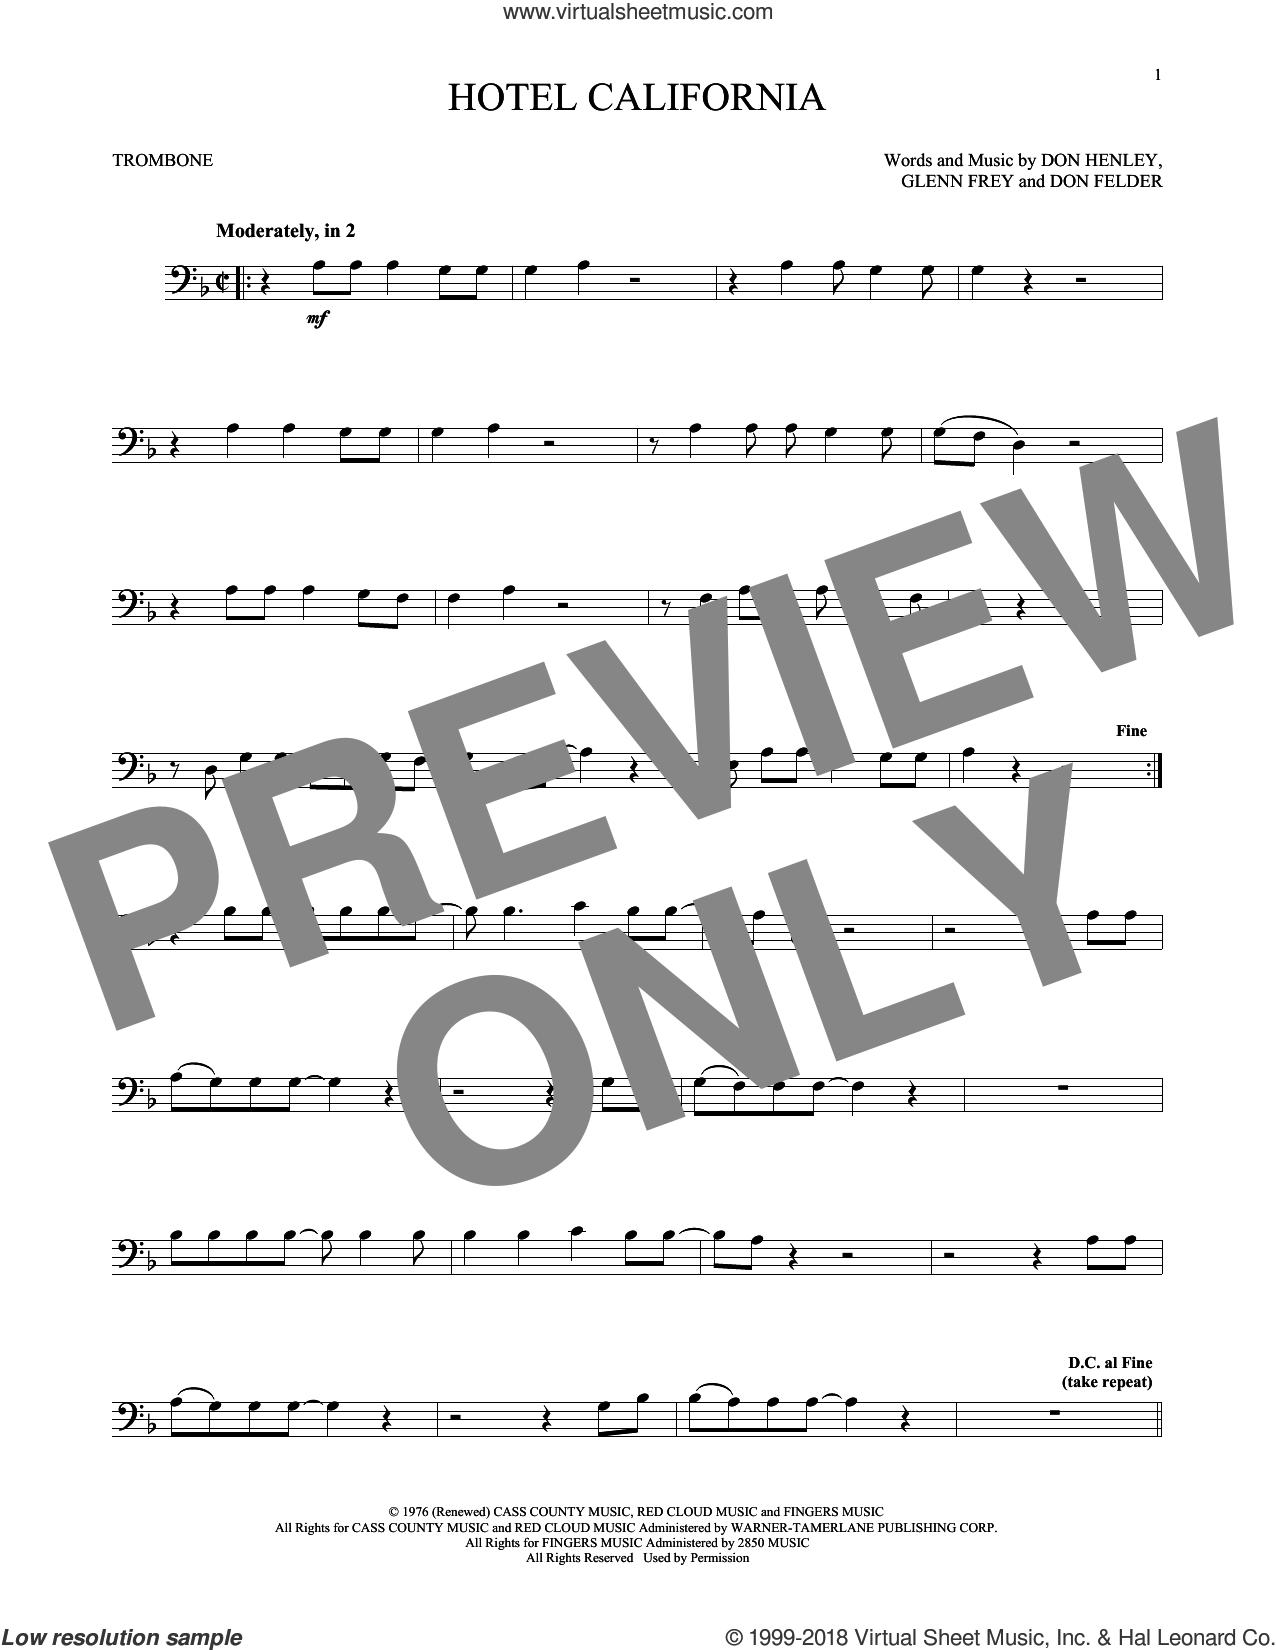 Hotel California sheet music for trombone solo by Don Henley, The Eagles, Don Felder and Glenn Frey, intermediate skill level